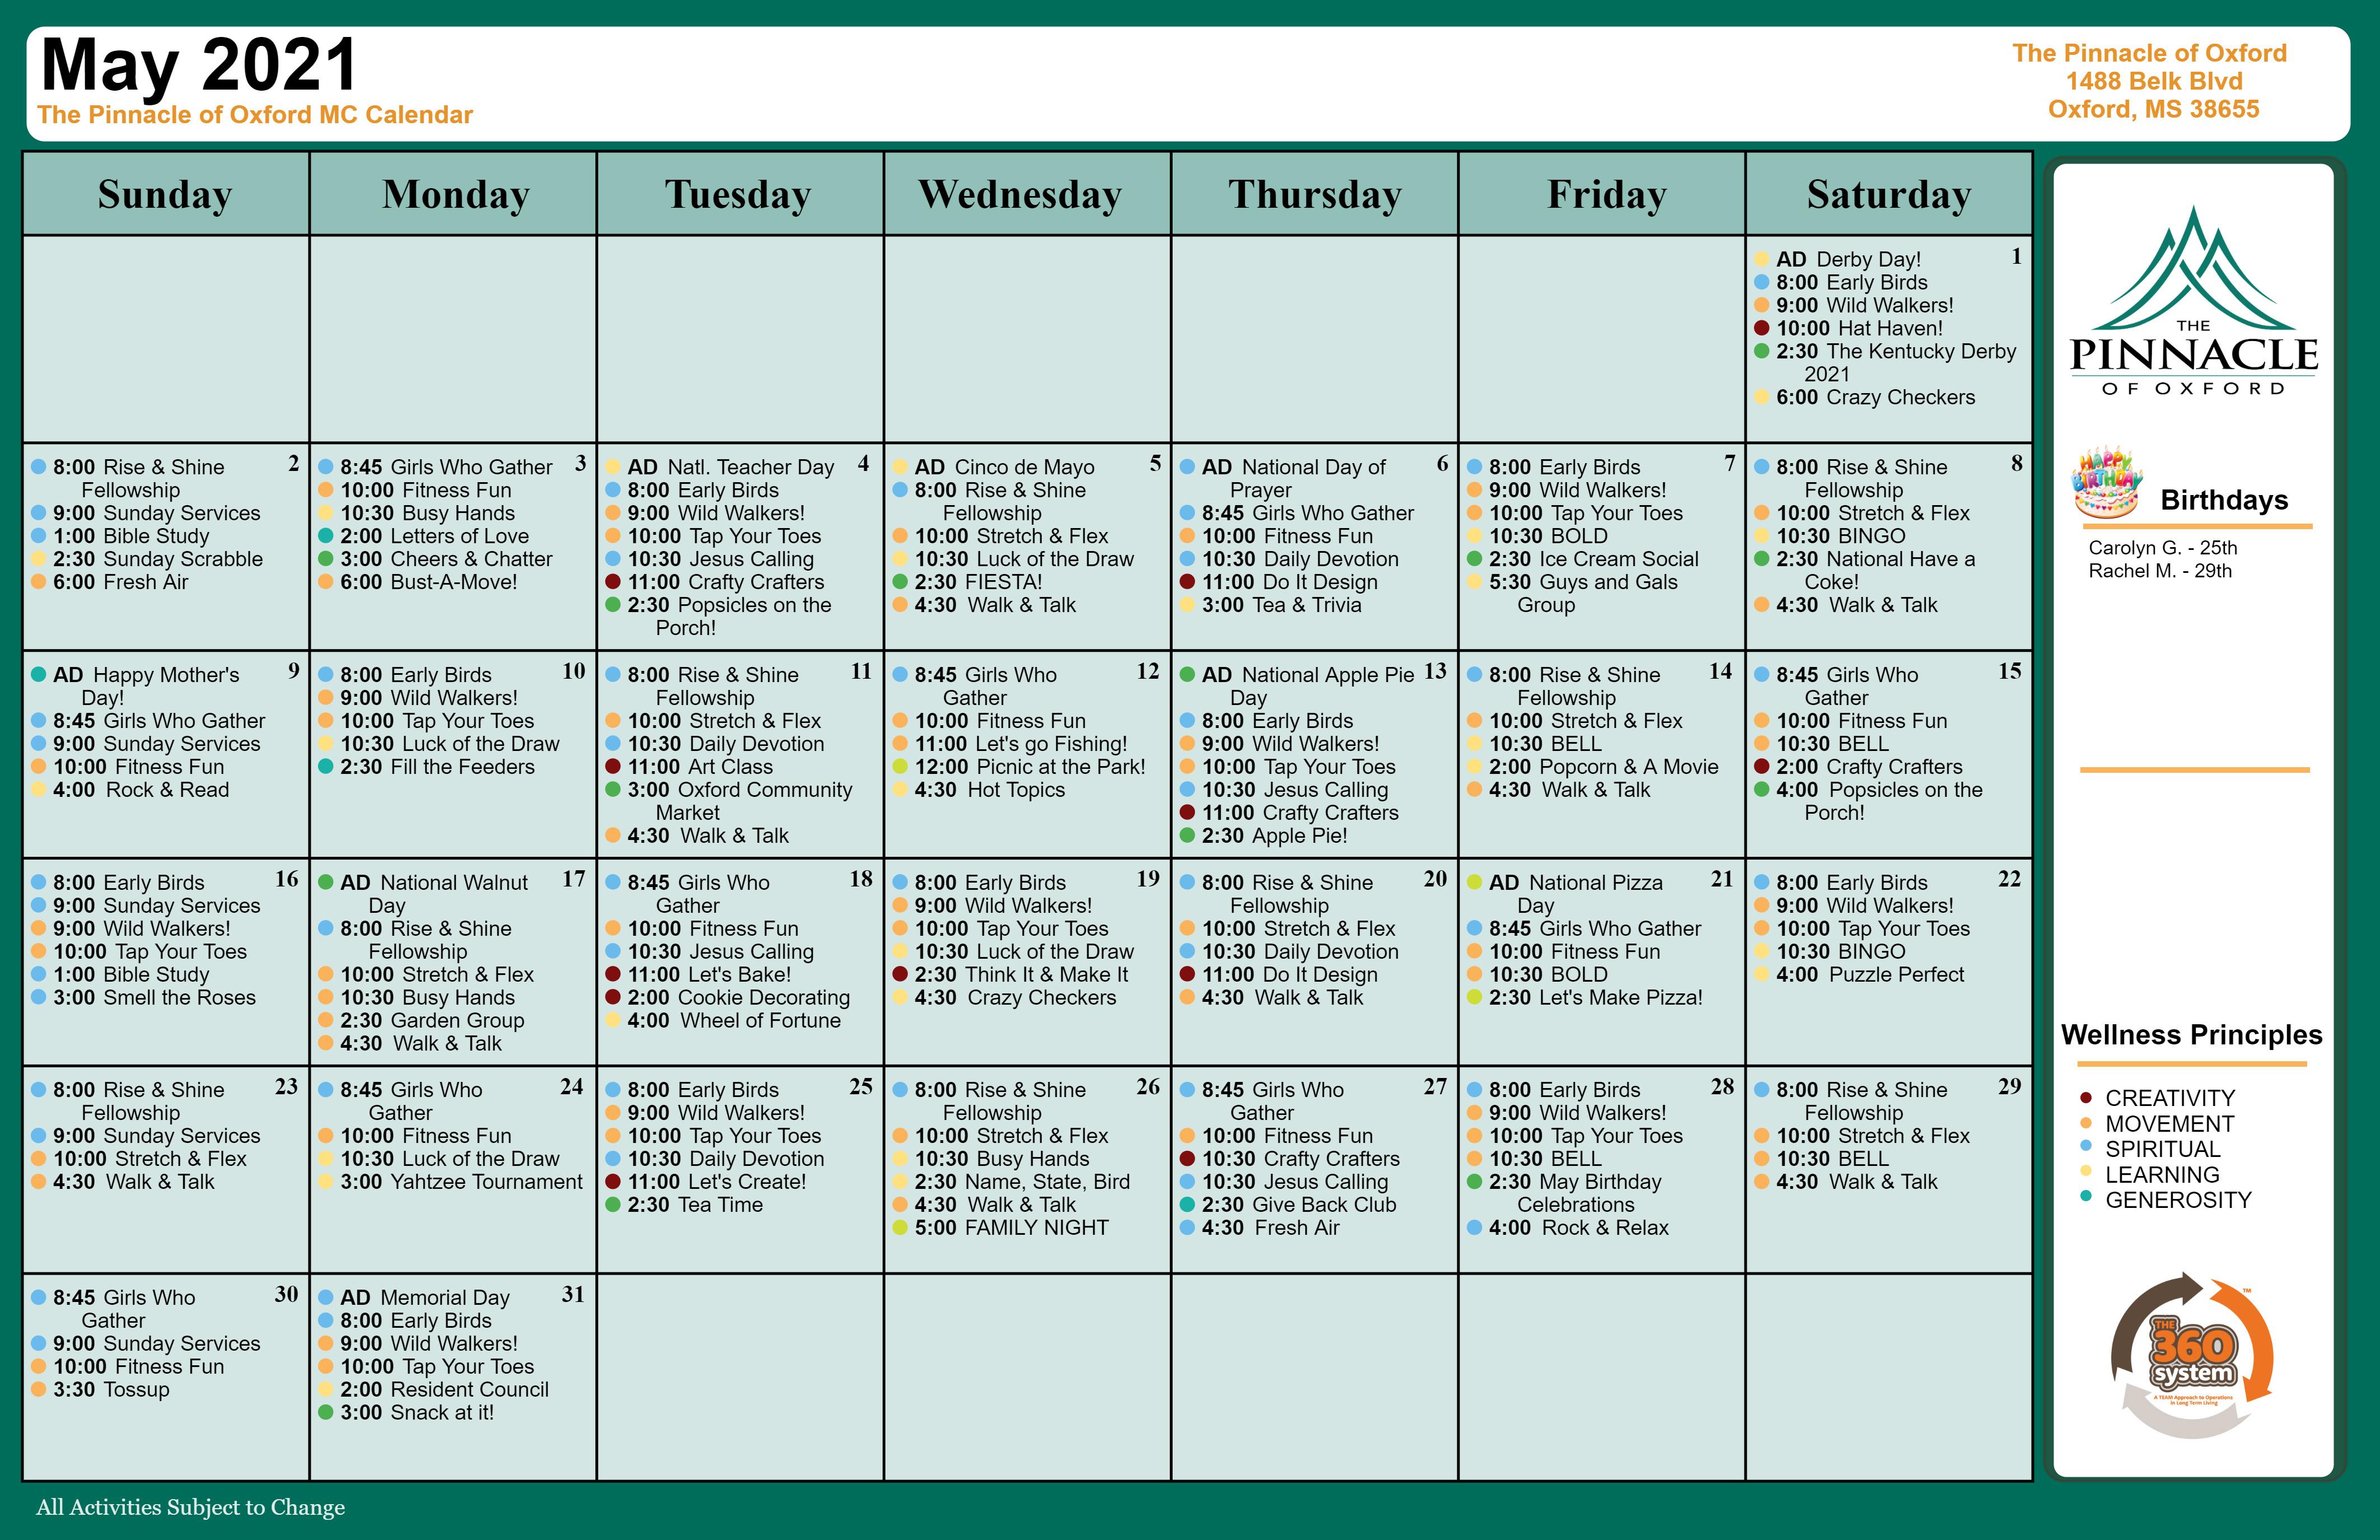 Memory Care Calendar - Pinnacle Of Oxford